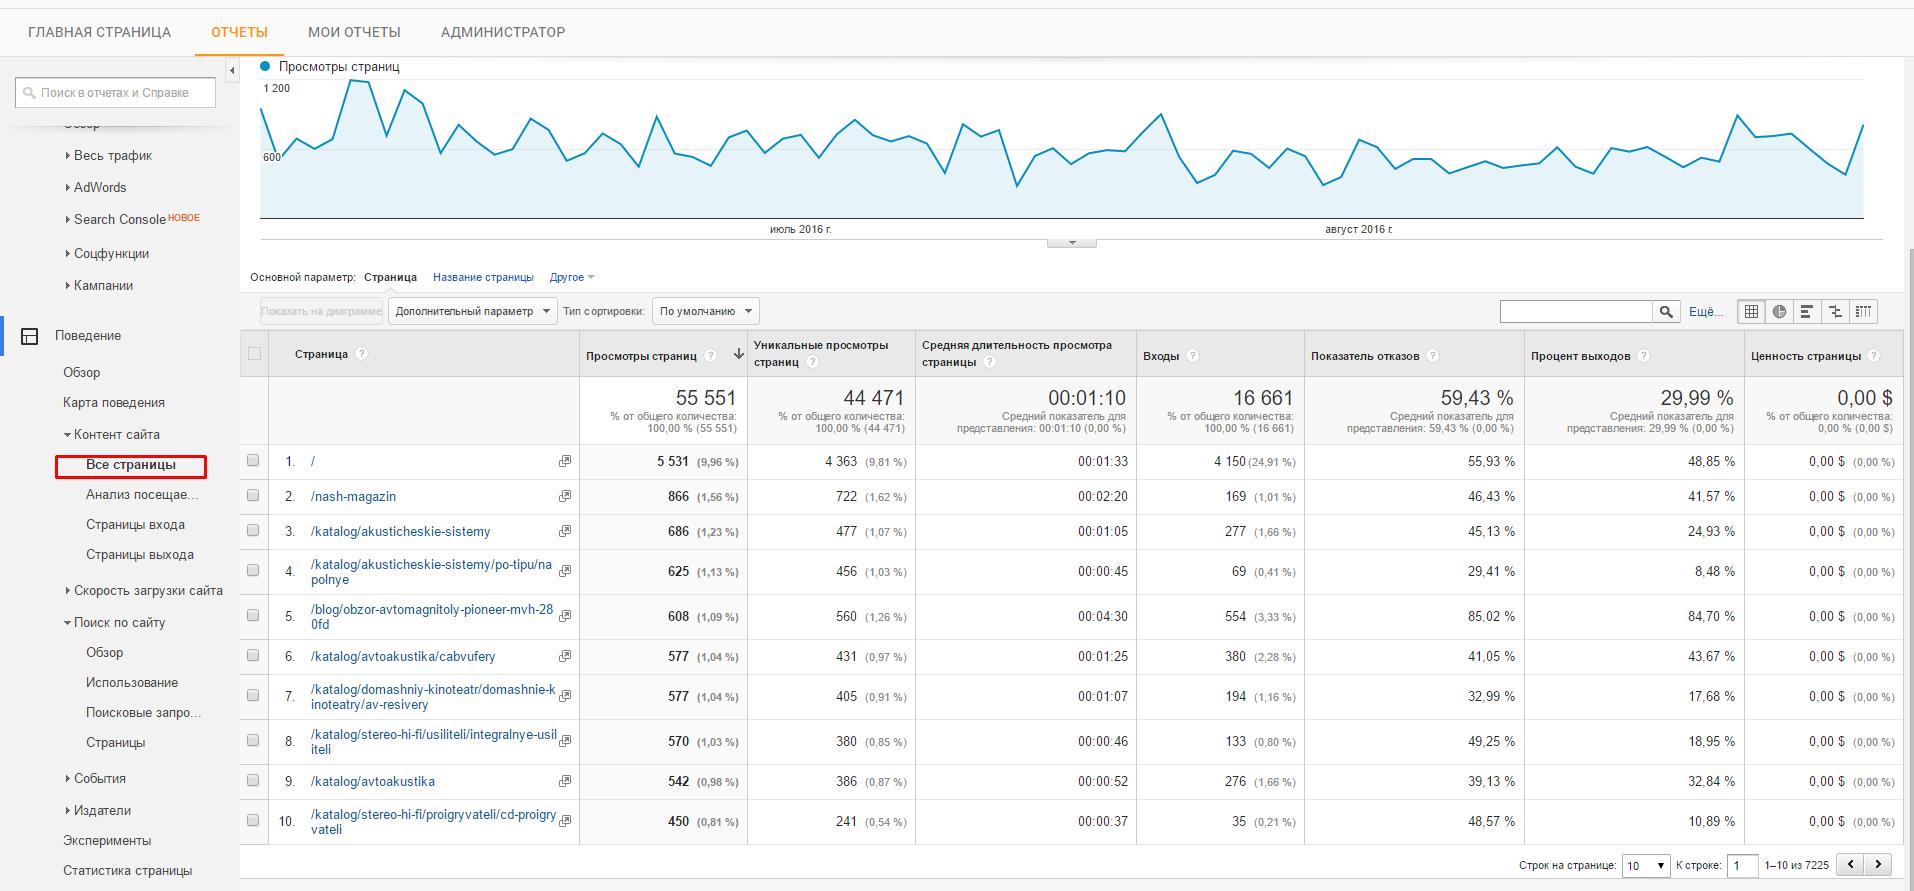 данные по страницам Google Analytics